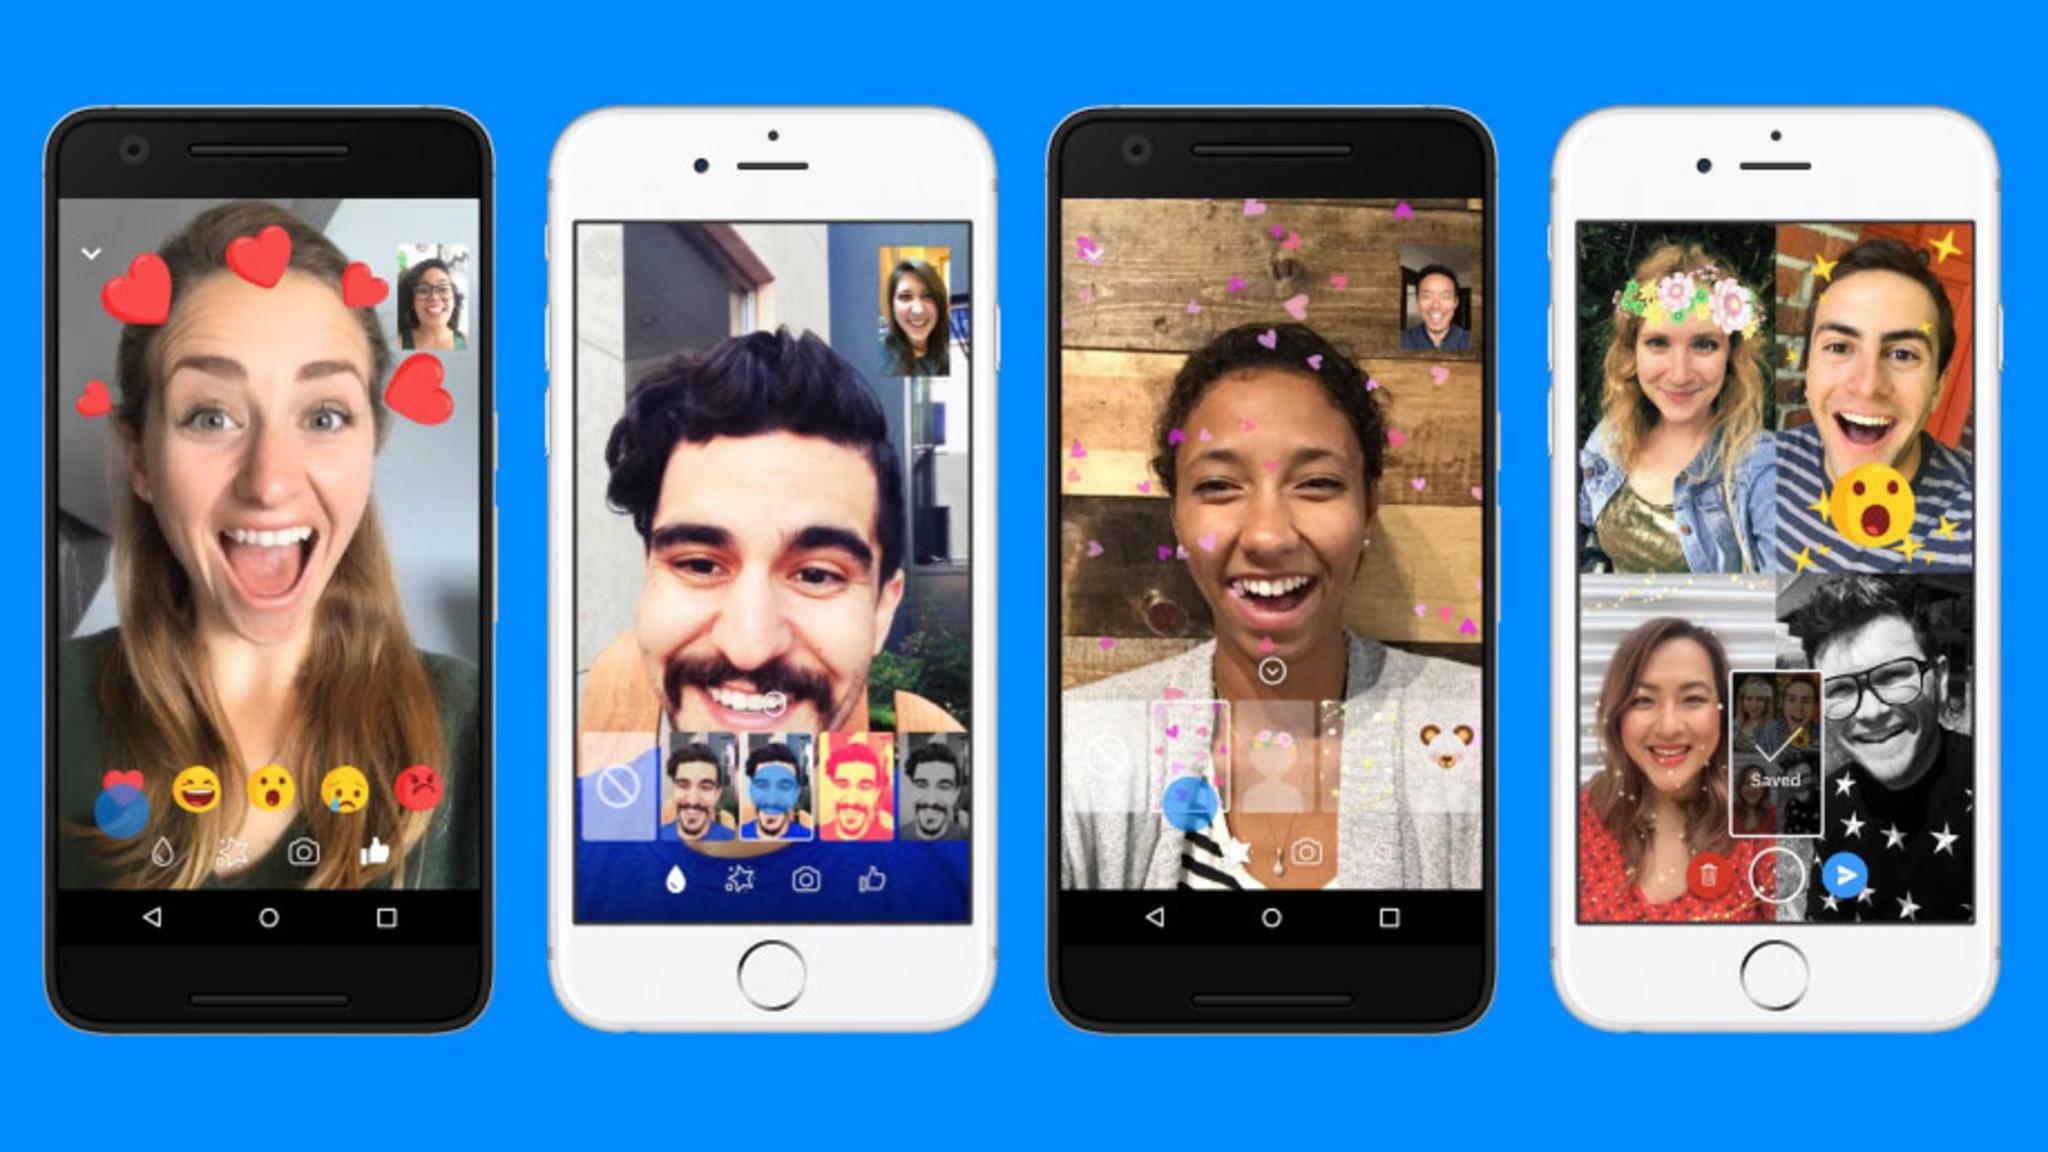 Der Videochat im Facebook Messenger wurde um einige Filter und Effekte erweitert – selbst Screenshots sind jetzt möglich.